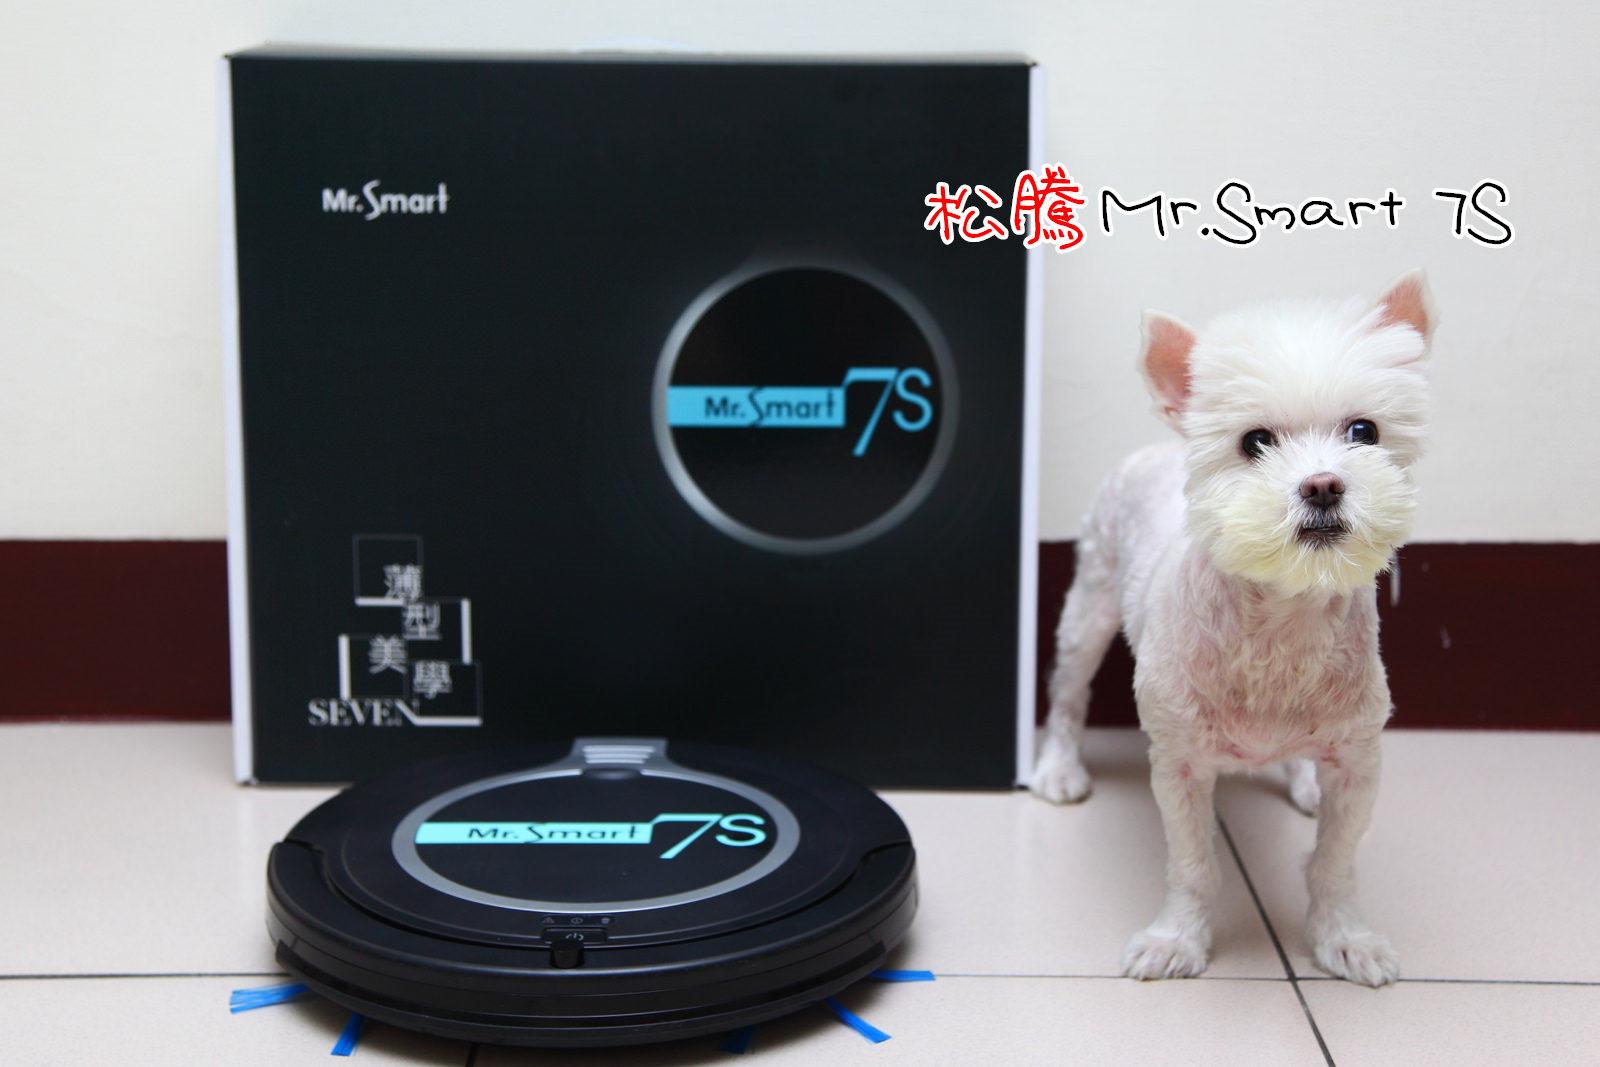 [3C家電]全世界最薄機身,邊清掃還能邊拖地!松騰-Mr.Smart 7S掃地機器人